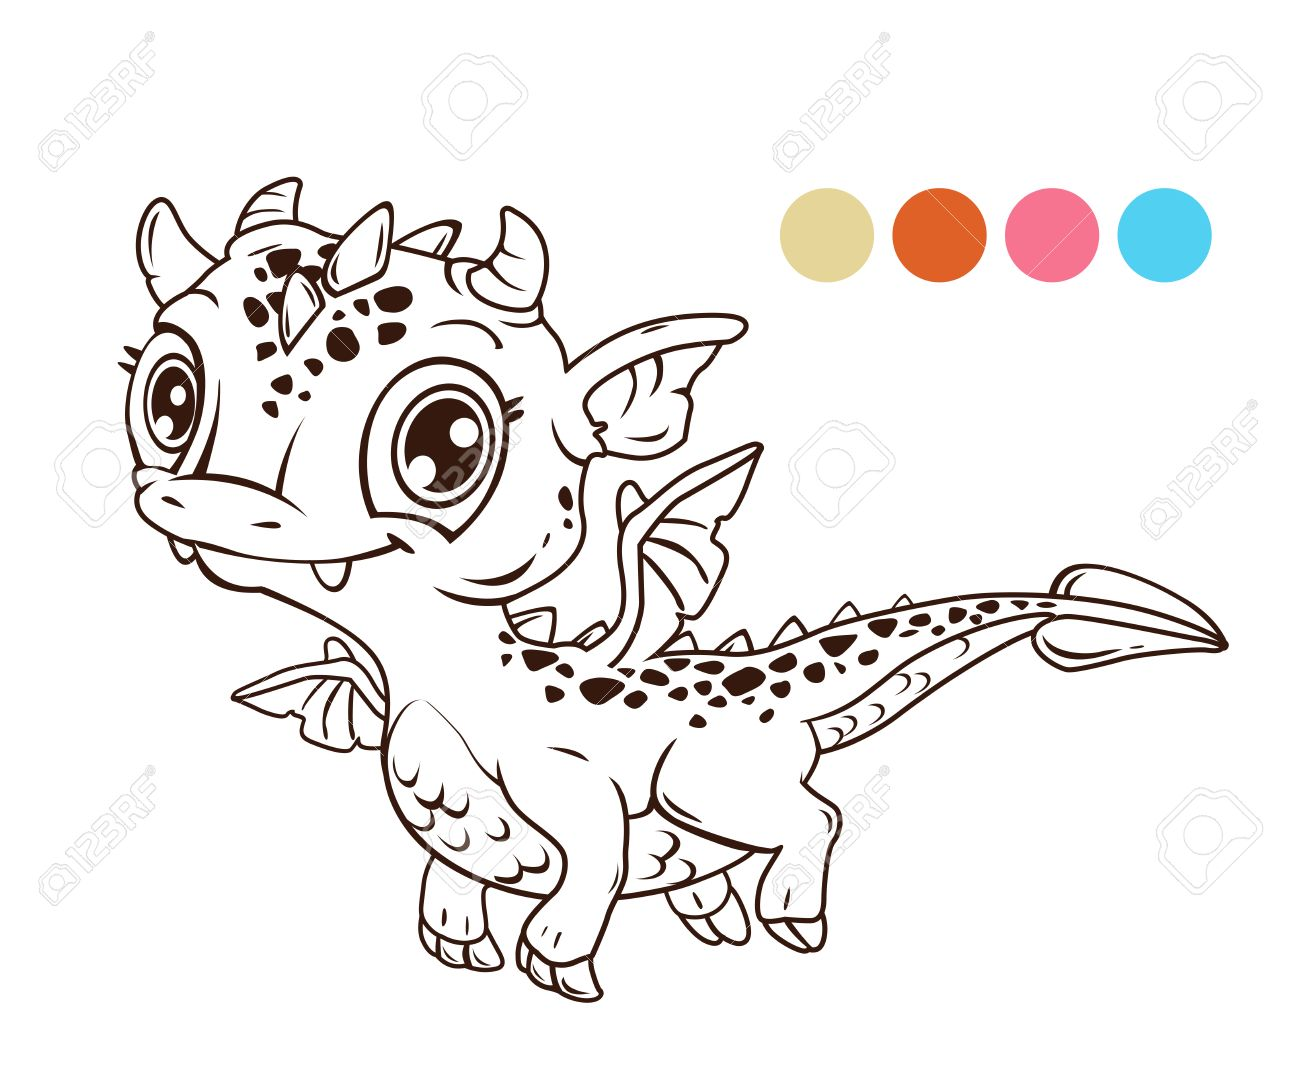 Lujoso Lindo Dragón Para Colorear Festooning - Dibujos Para Colorear ...